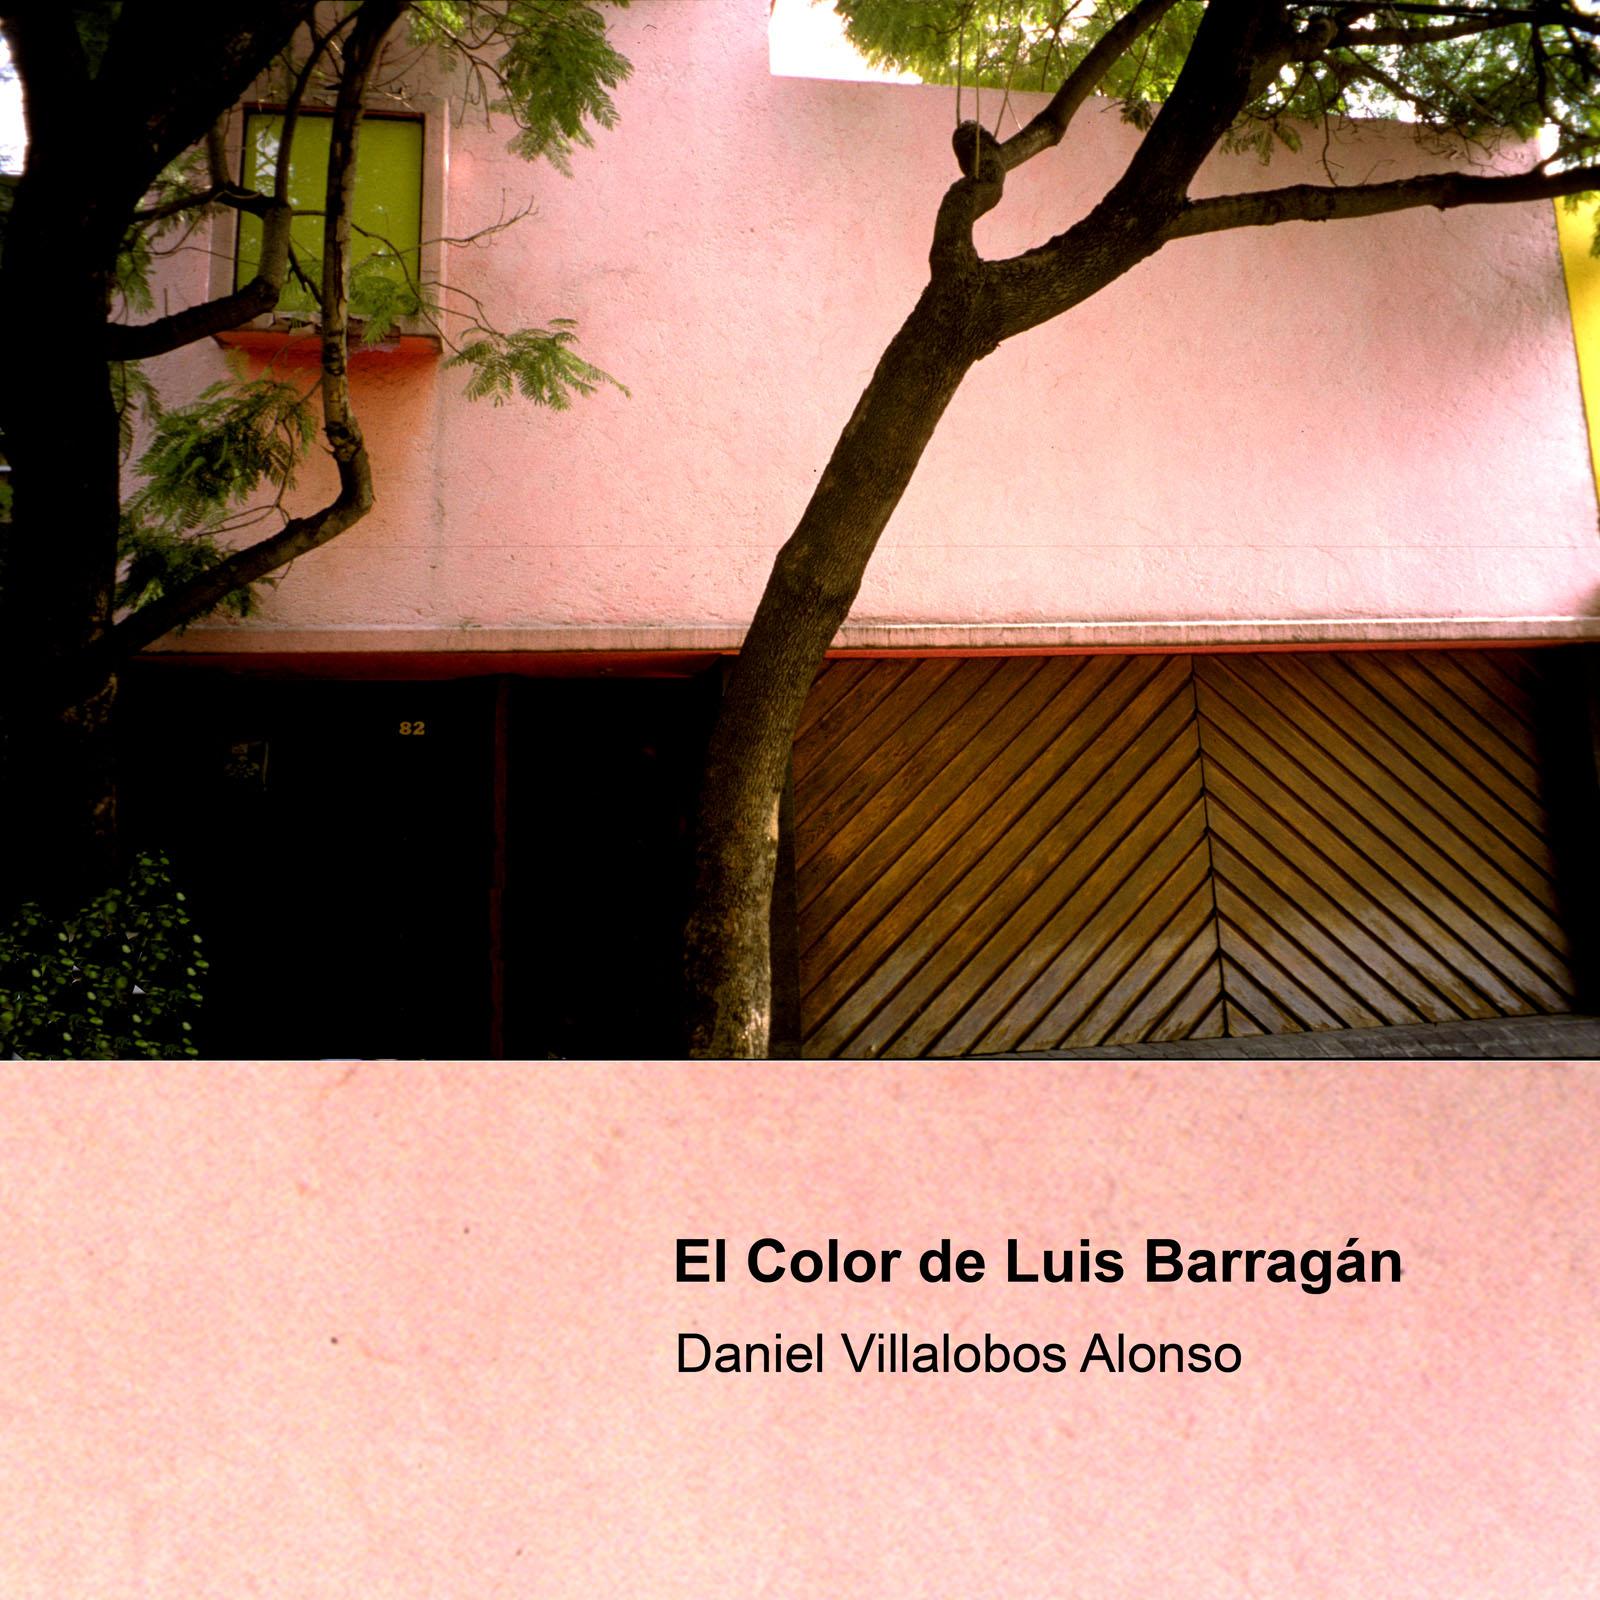 danielvillalobos-graphicdesign-bookcover-28